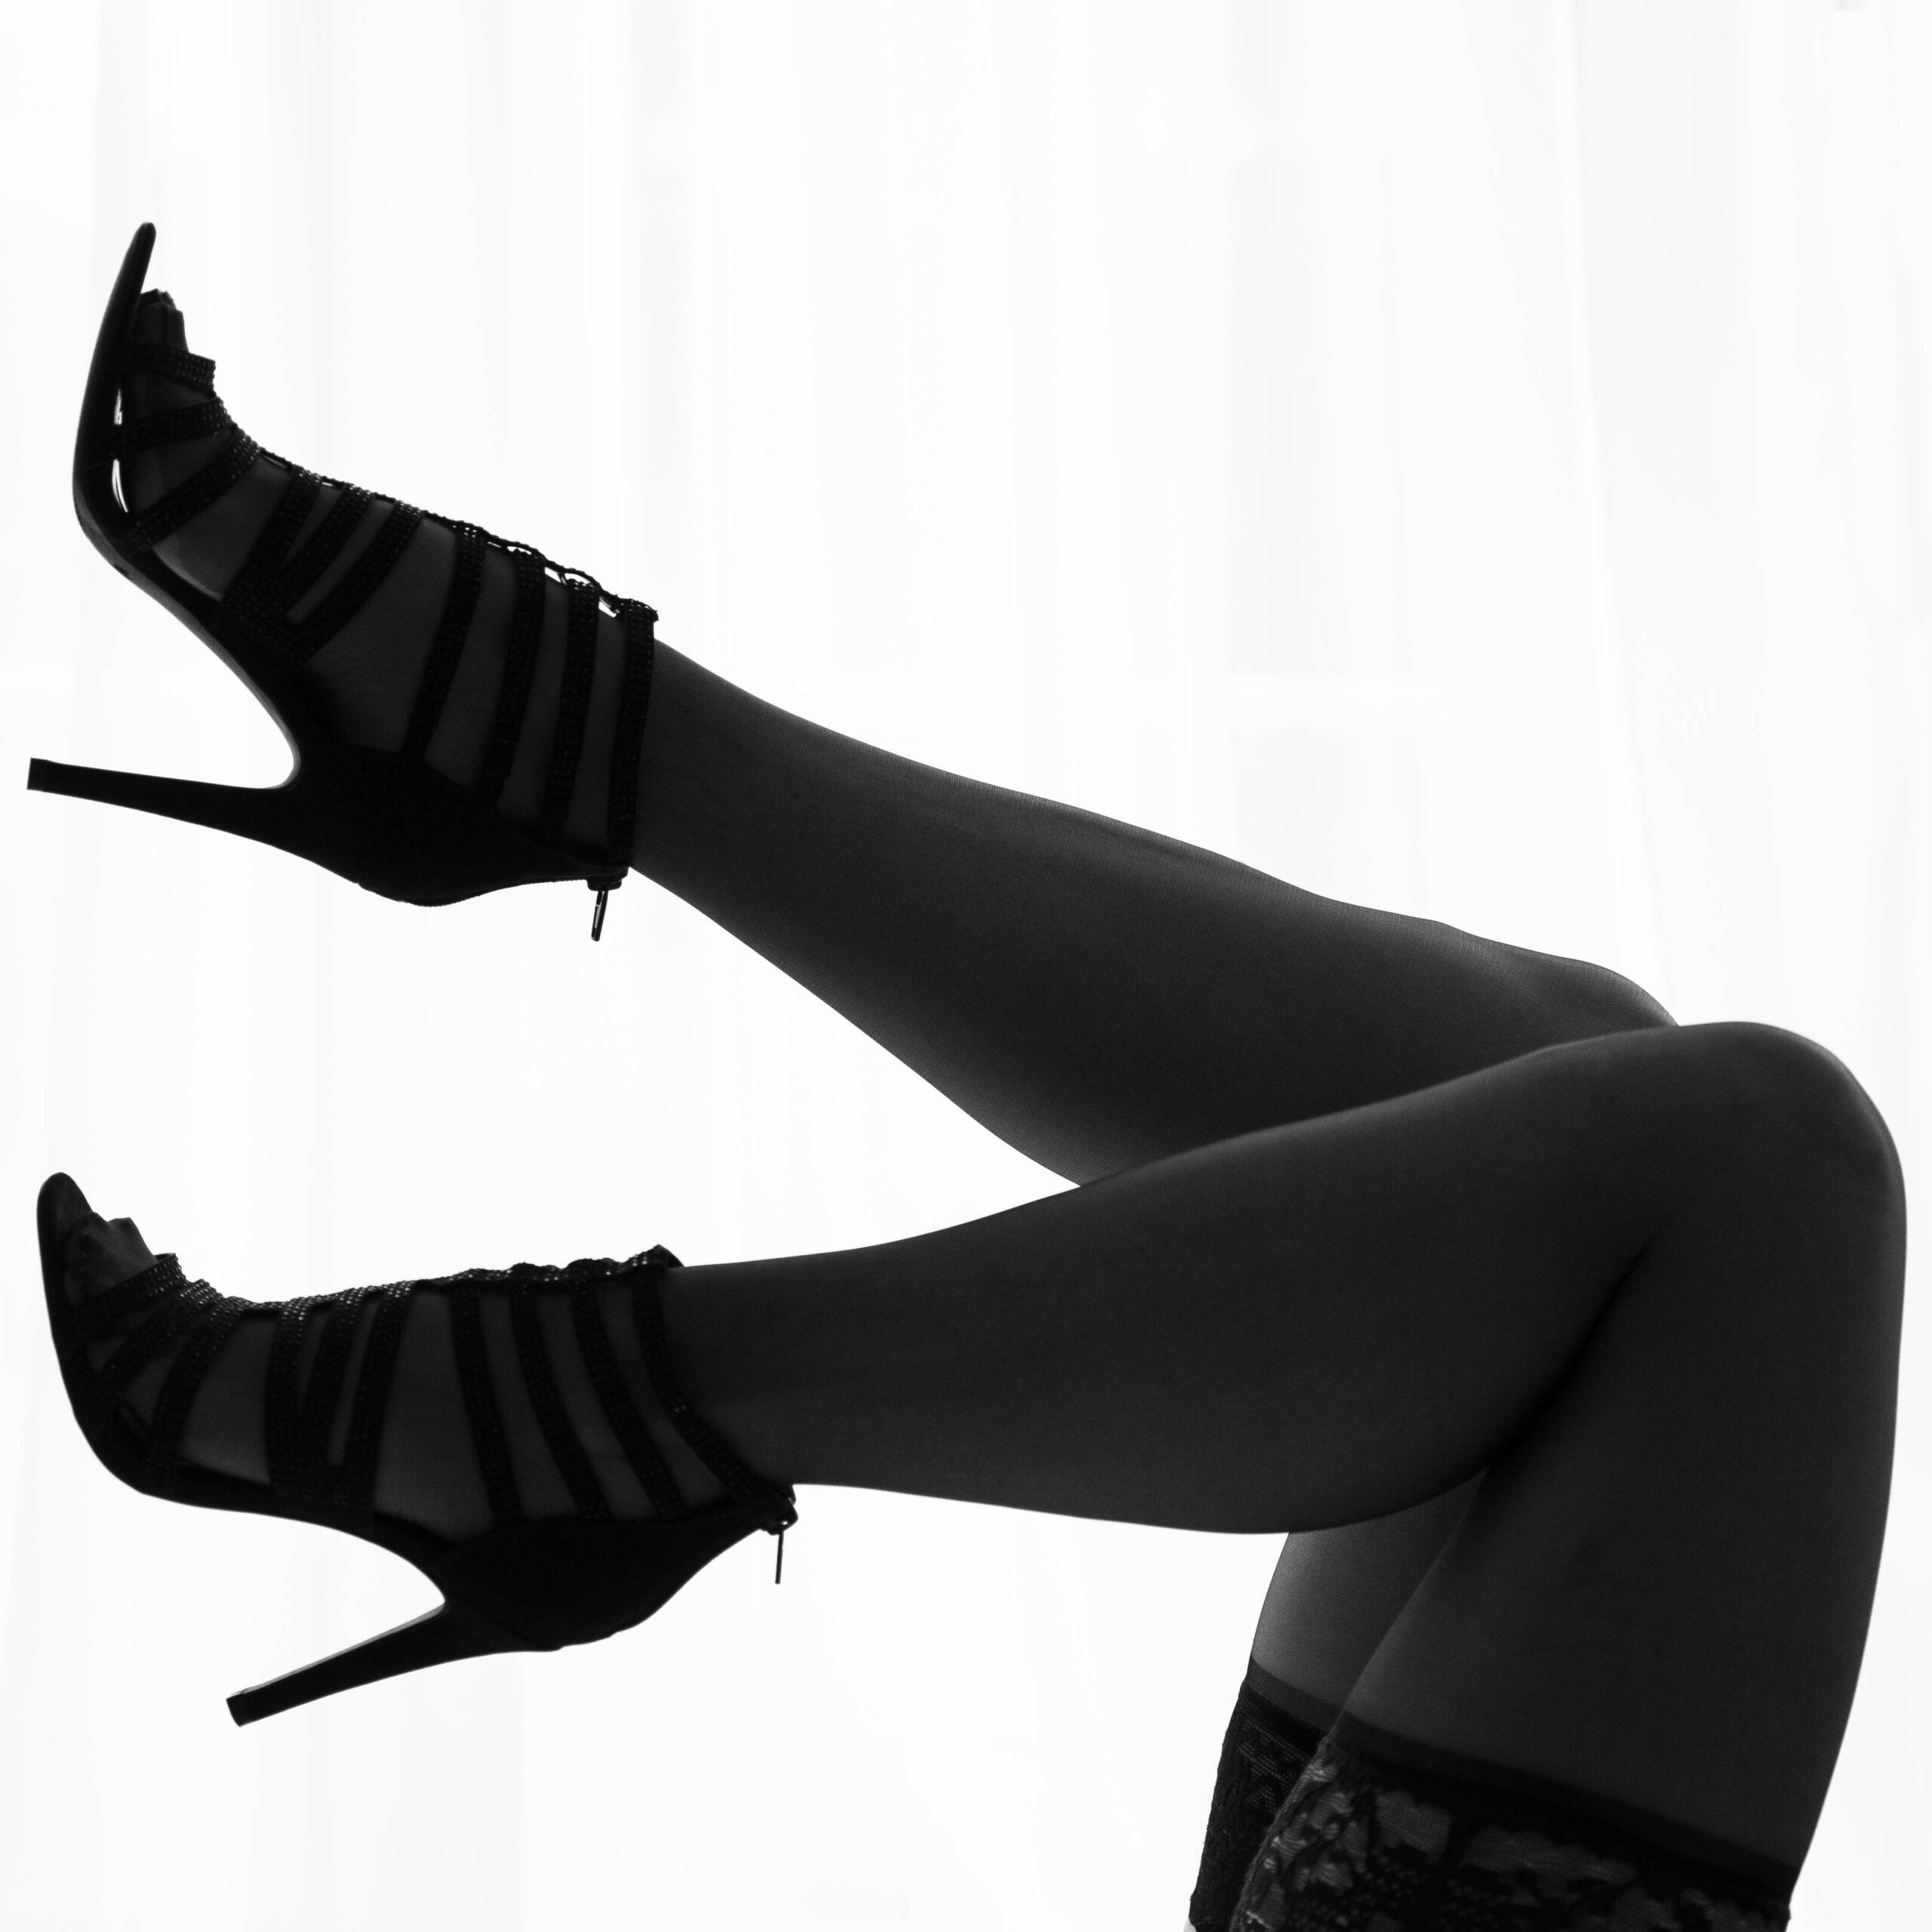 Mooie benen met high heels tijdens een boudoirshoot bij KleijenCo in Groningen